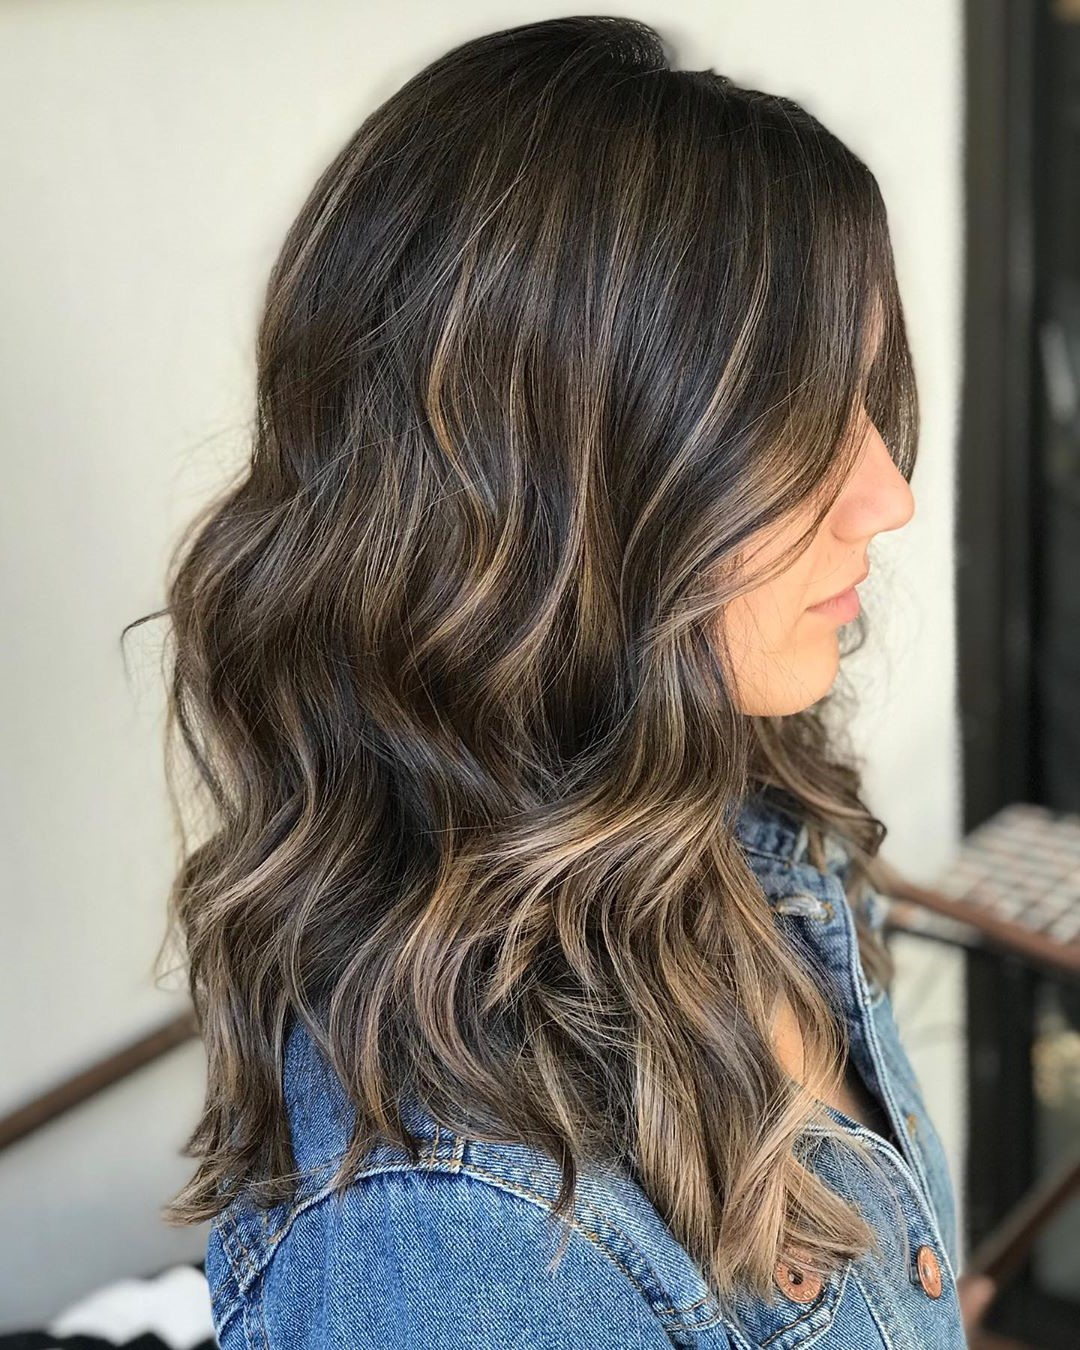 Cheveux ondulés volumineux.